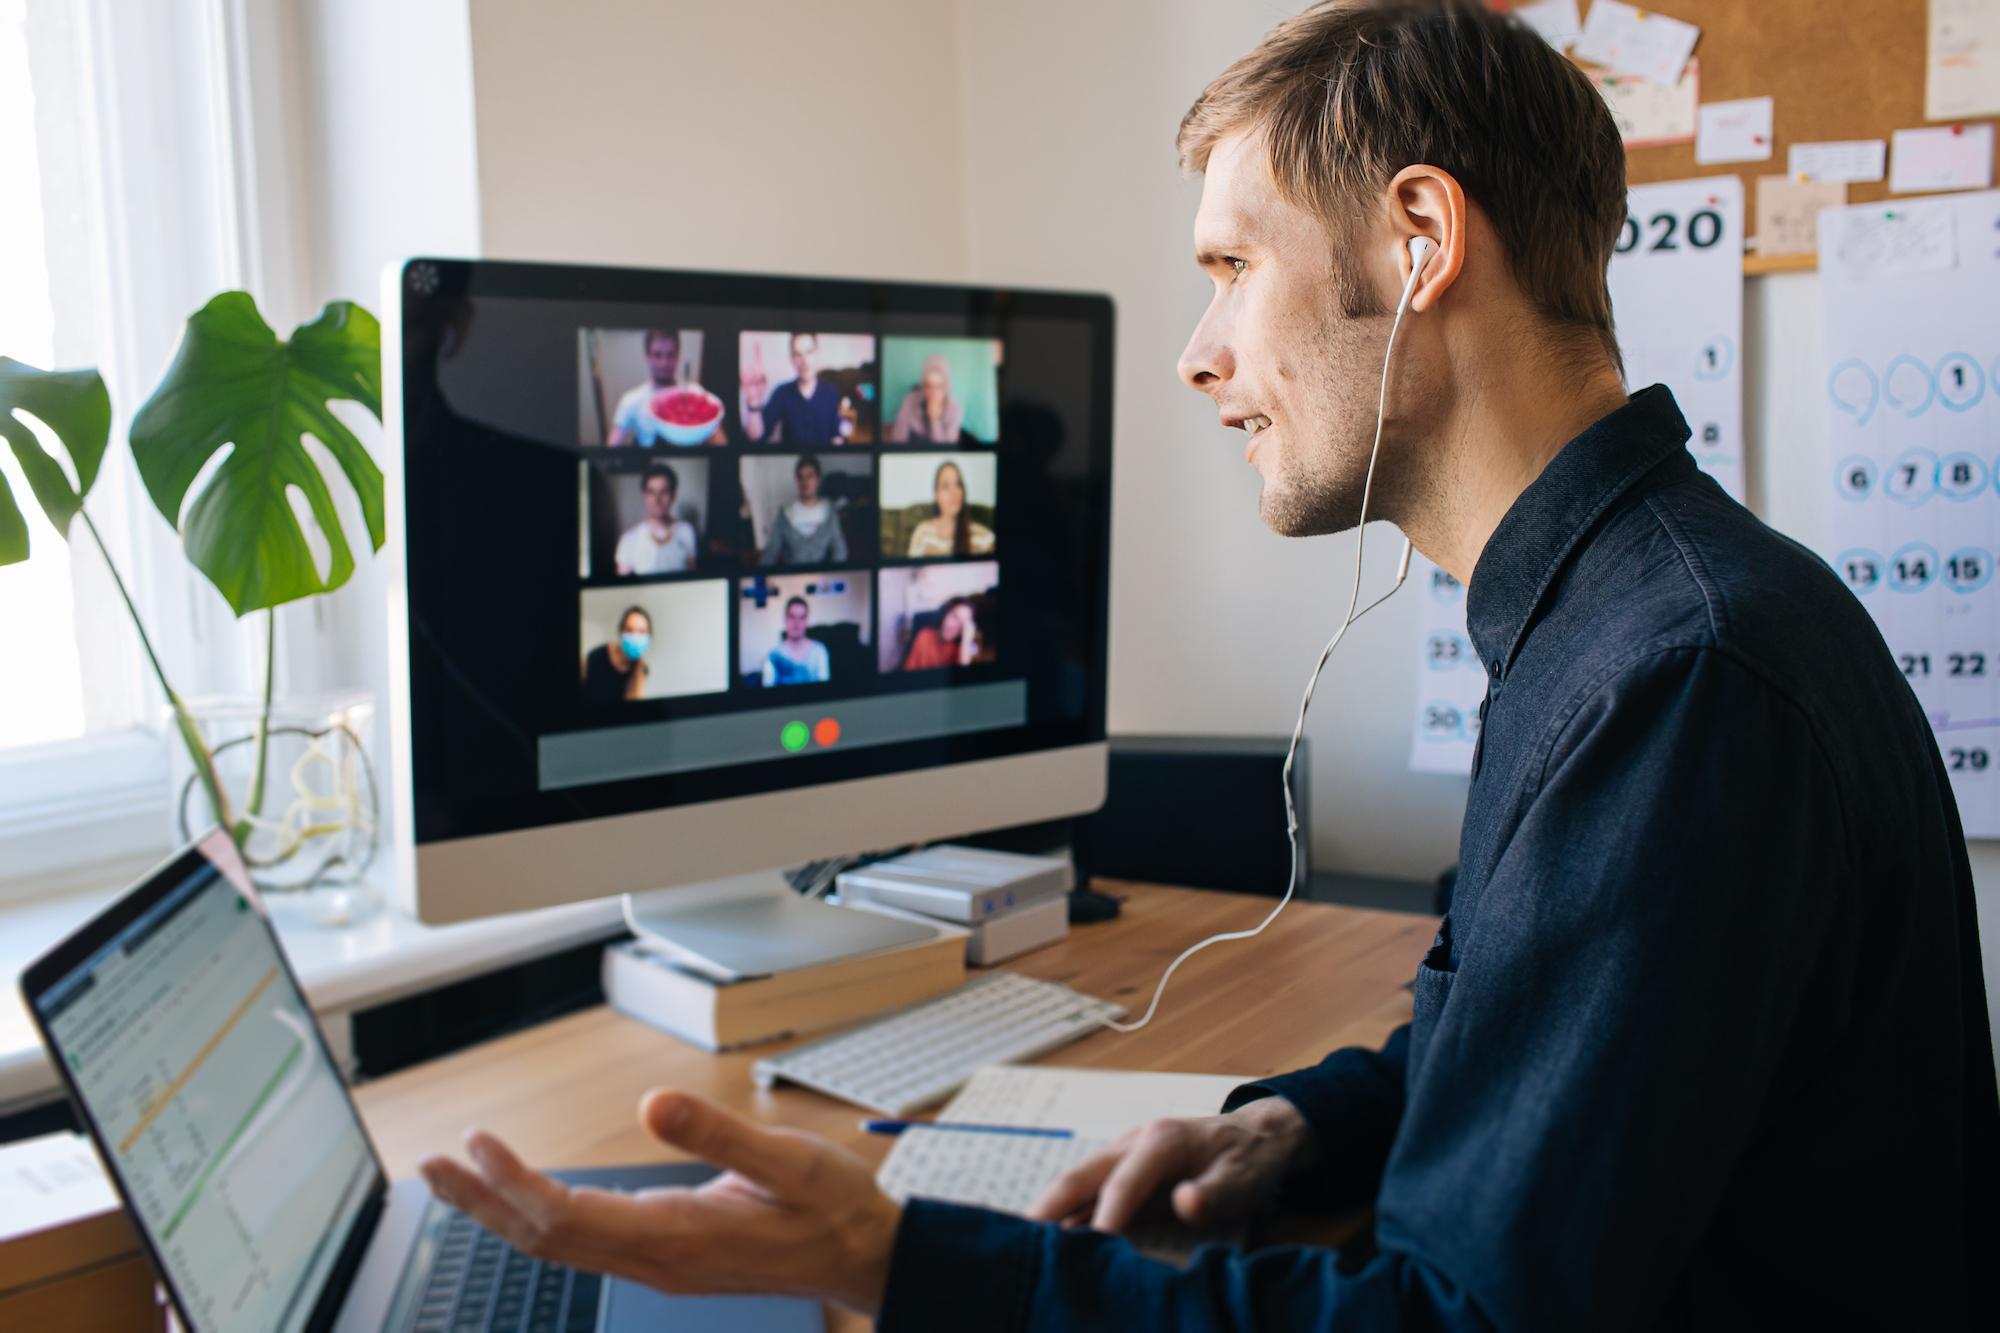 Znane do tej pory sposoby grupowej komunikacji mogą się nie sprawdzić. (fot. Shutterstock)